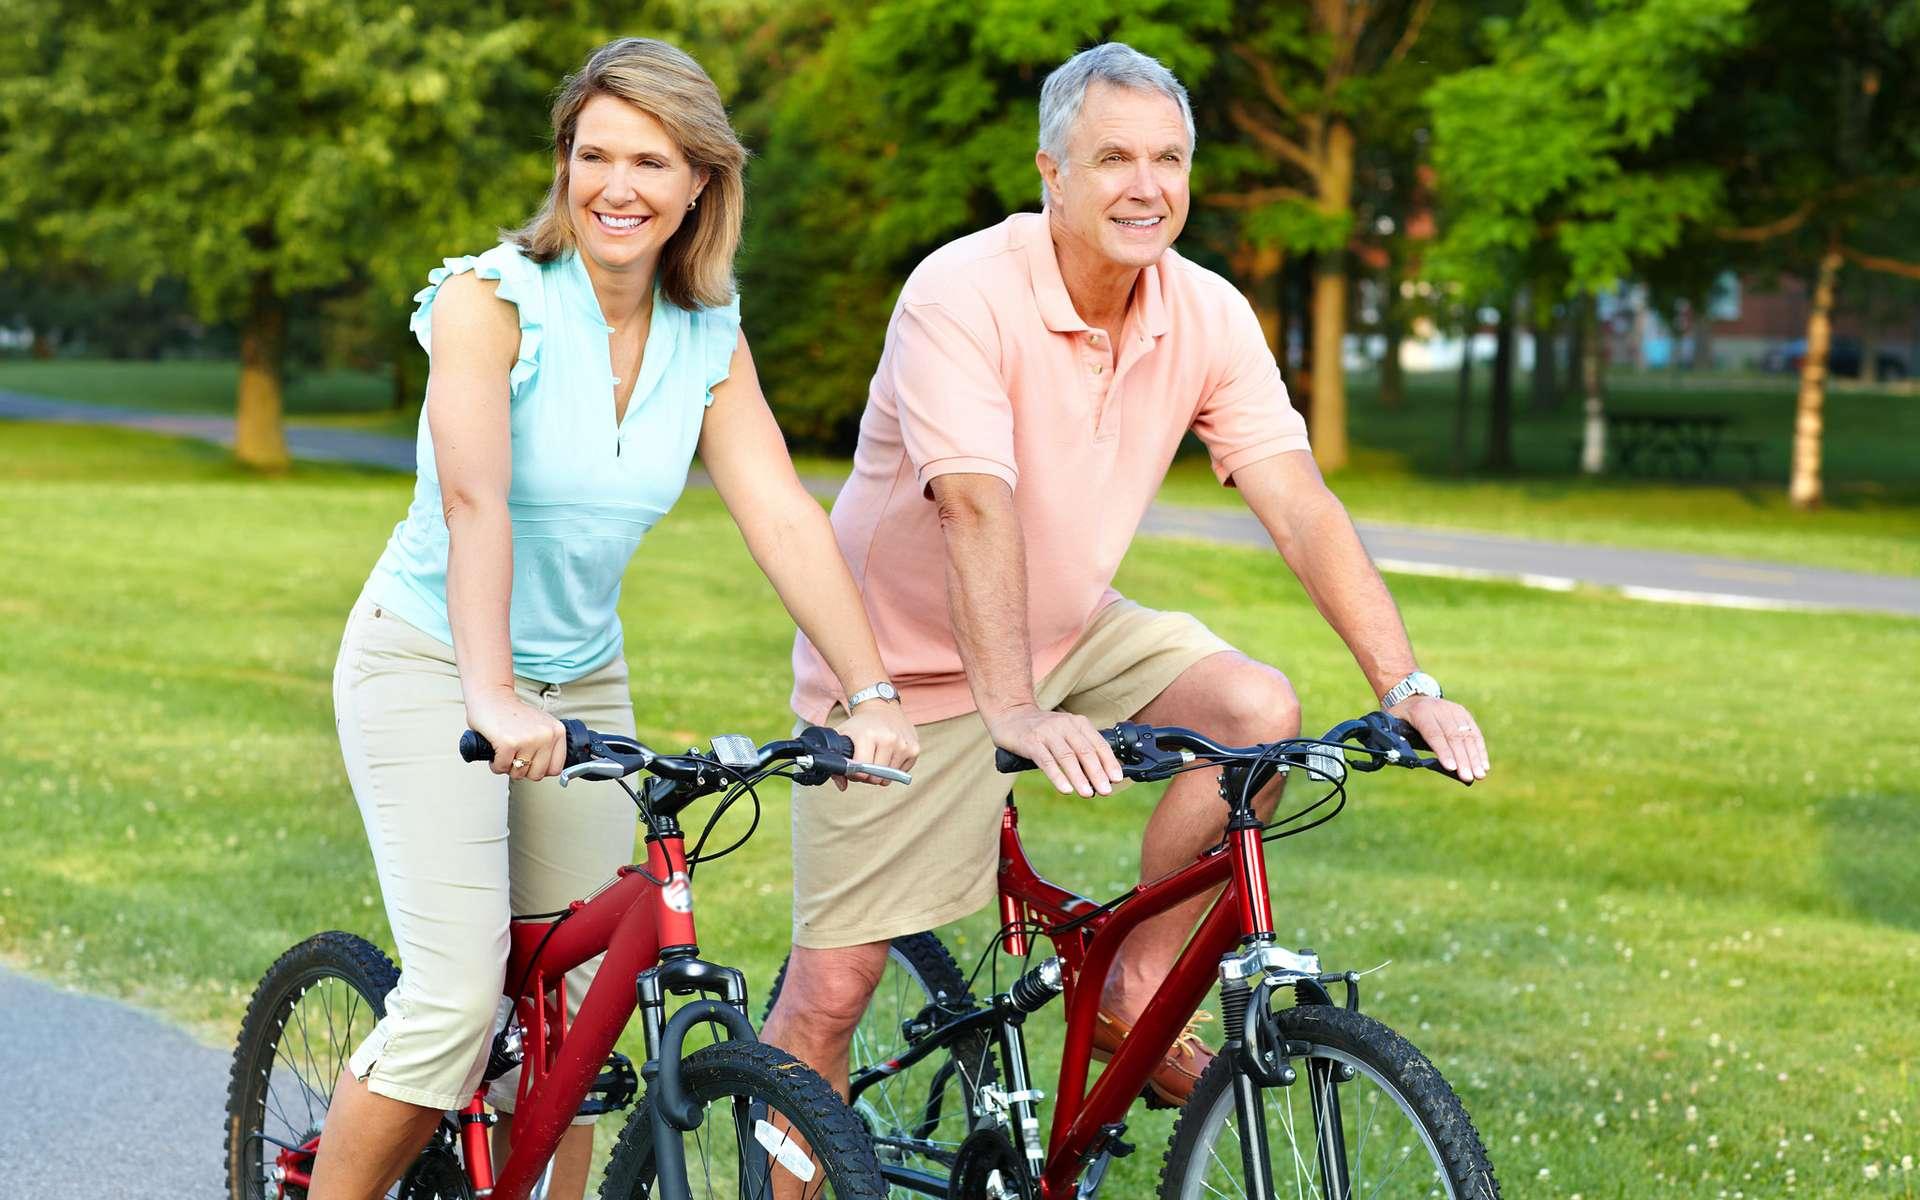 La ménopause touche les femmes vers 50 ans. © Diabetes Care, Flickr, CC by nc 2.0